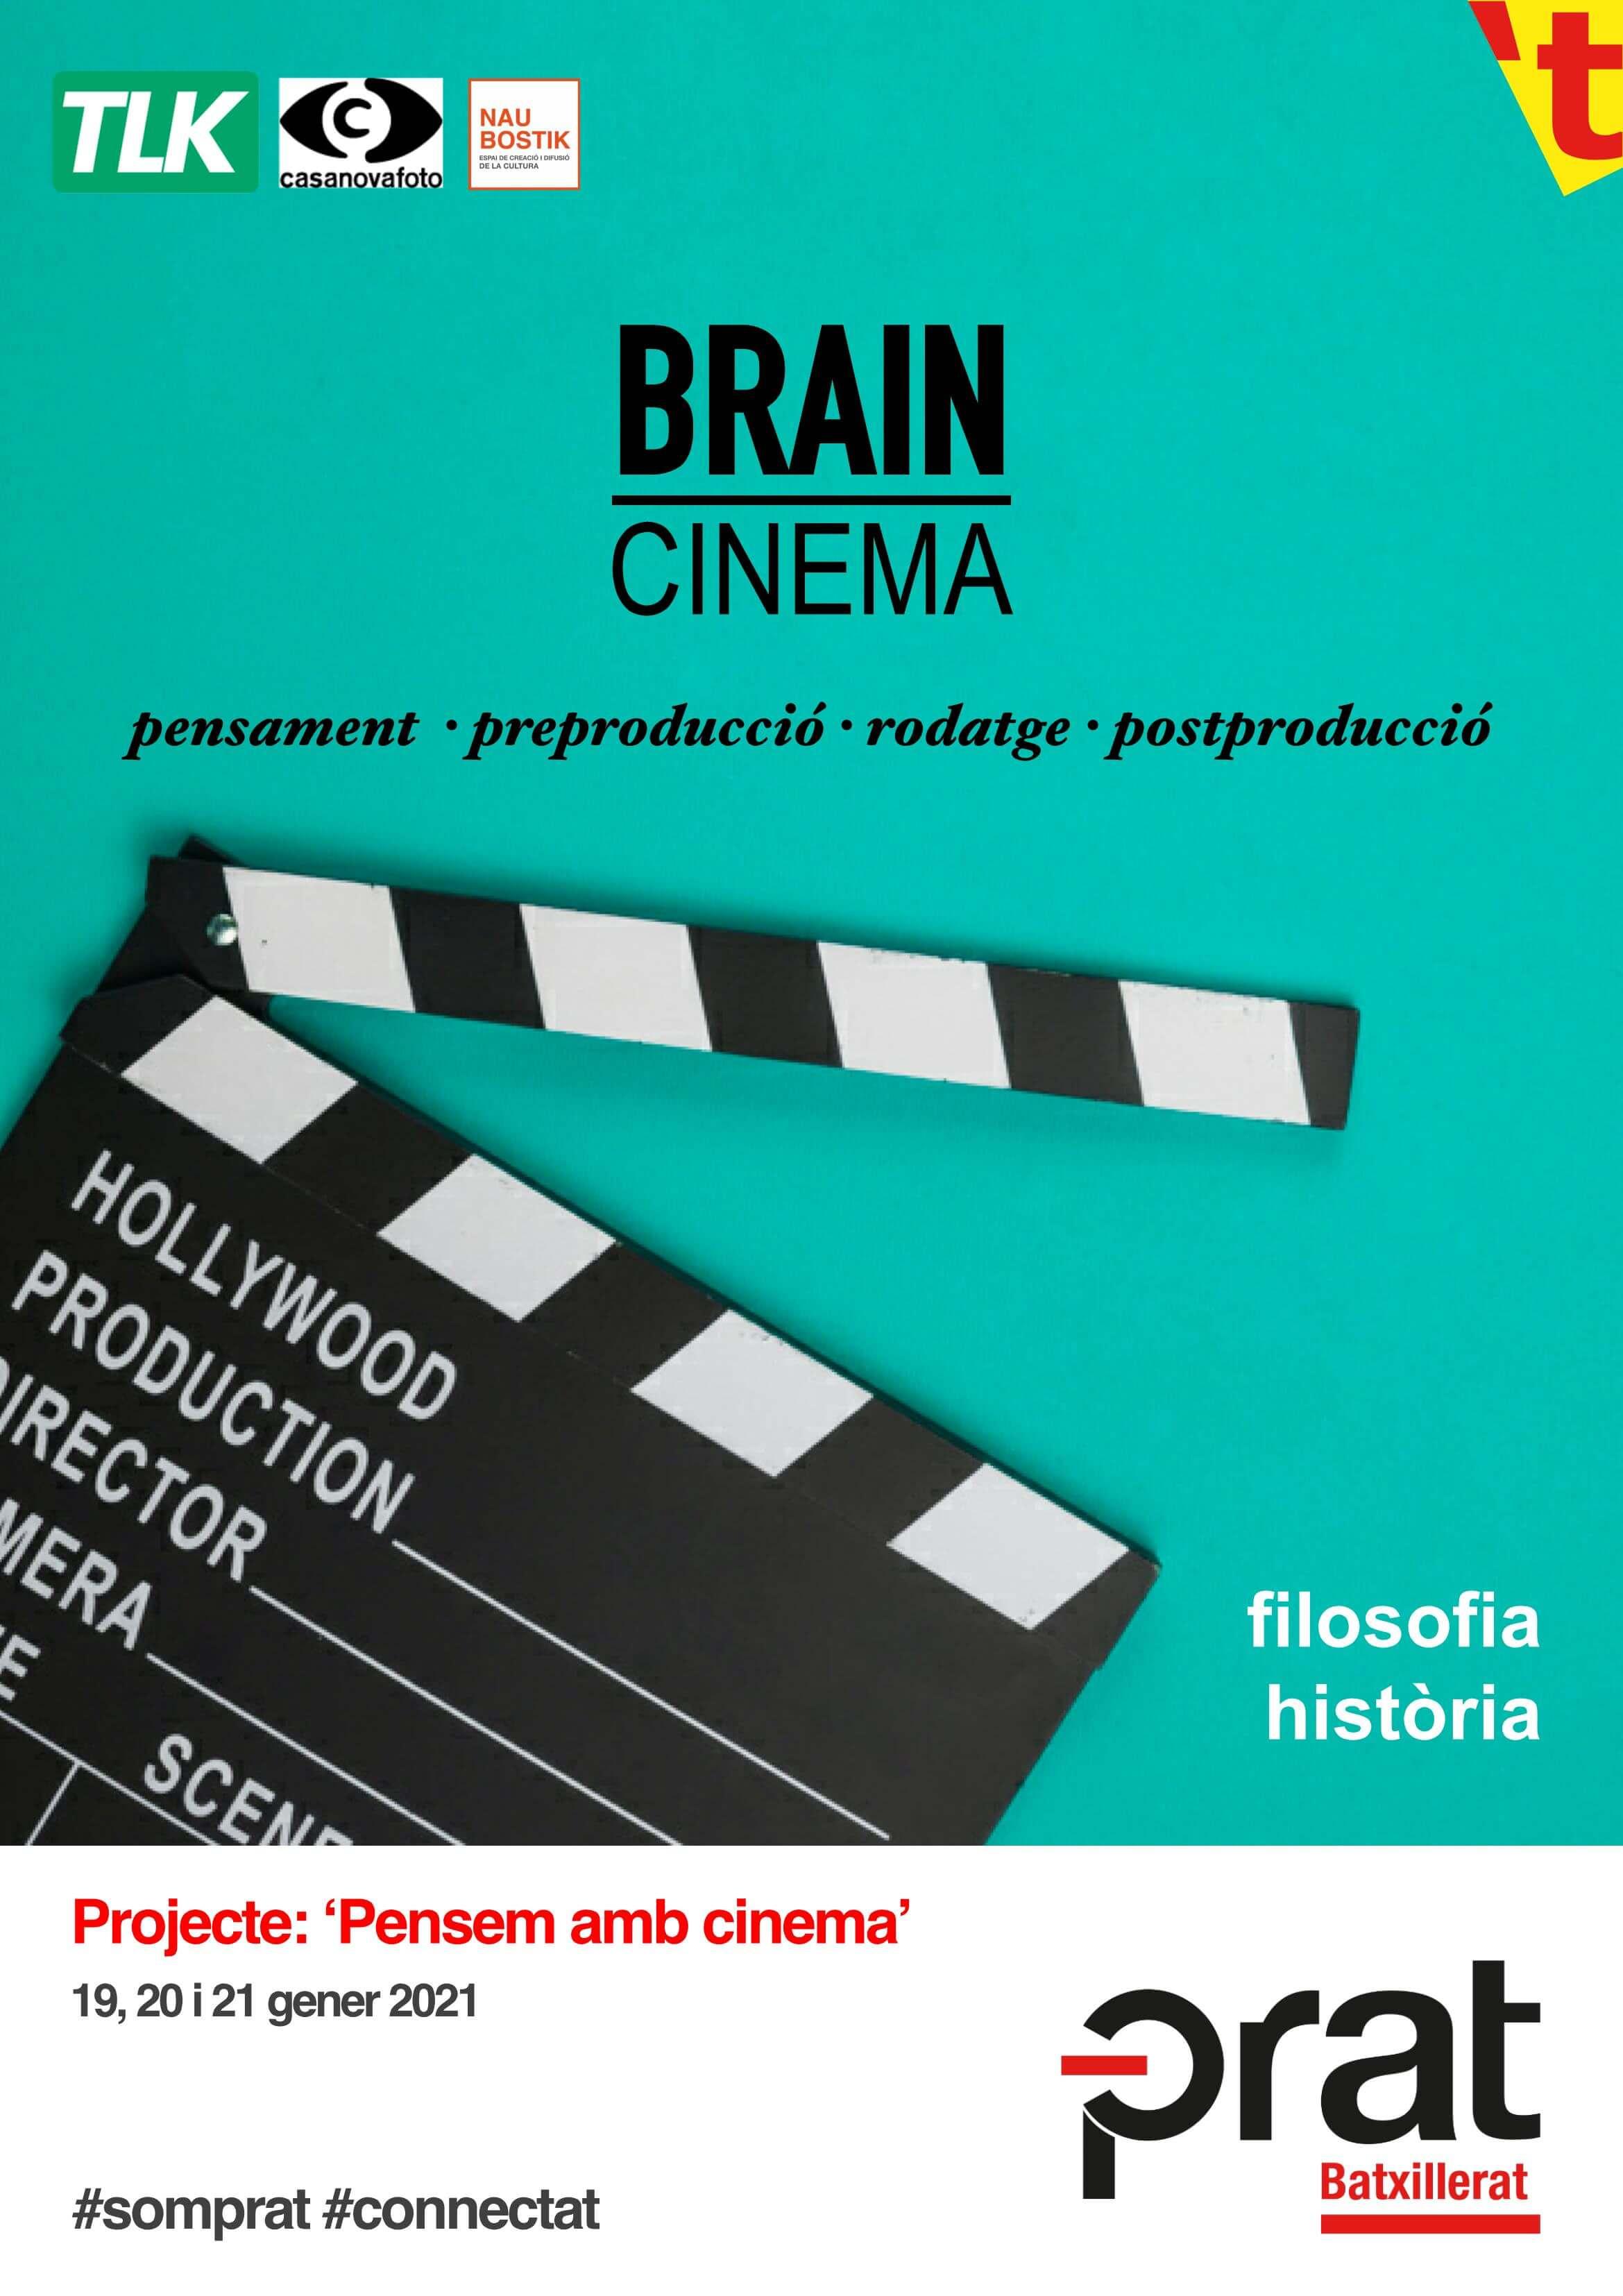 Projecte: pensem amb cinema